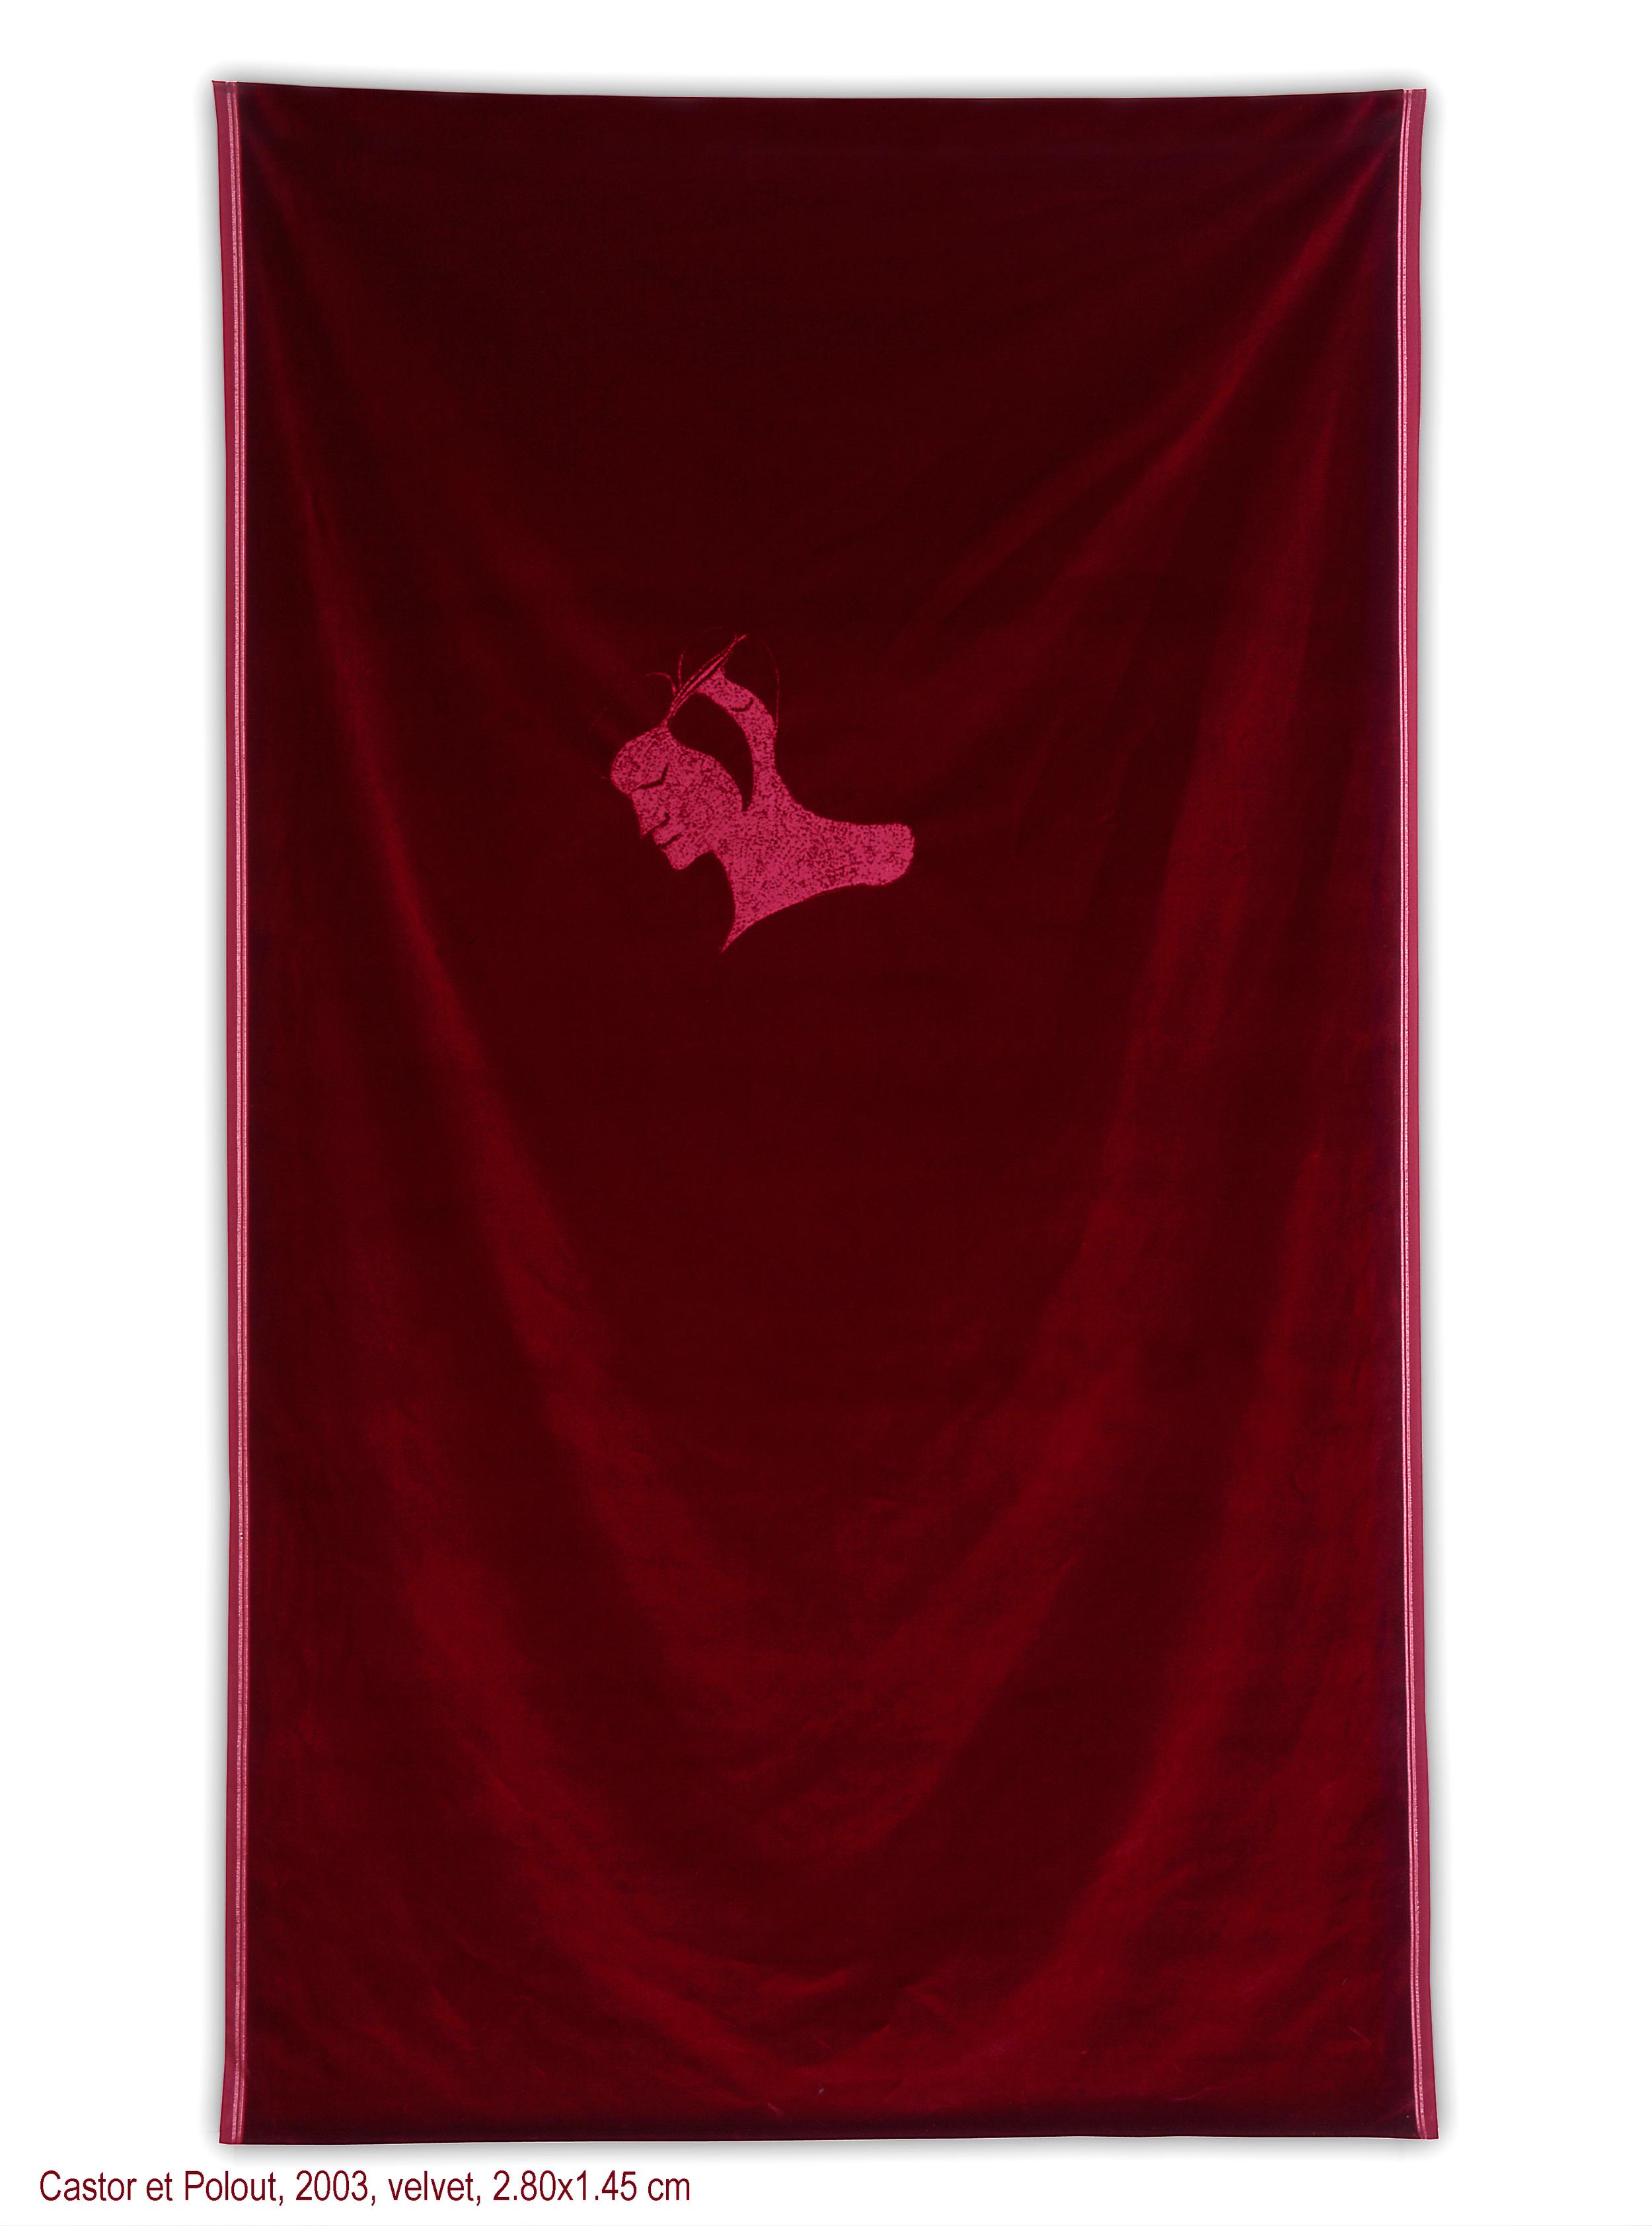 Maro Michalakakos   Castor et Poulou   2003  Velvet  112 x 56 inches